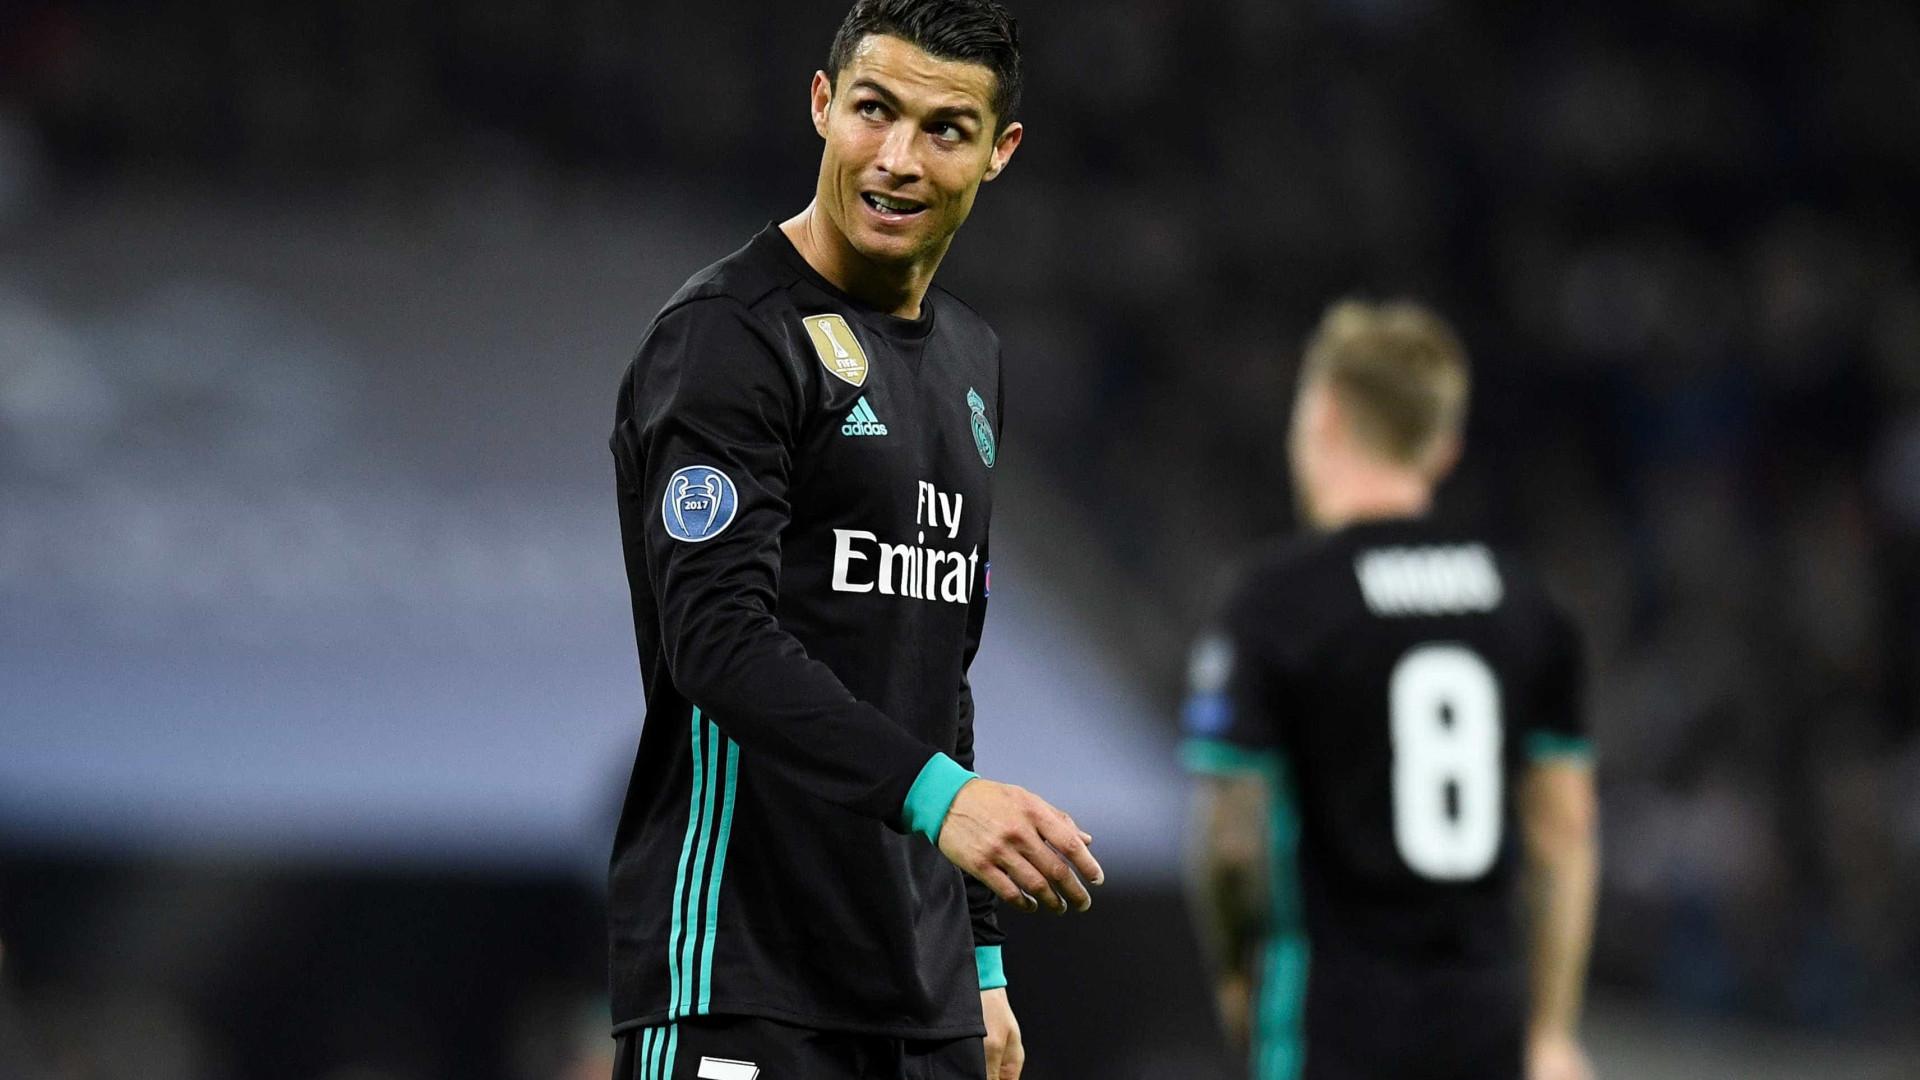 Eis as razões pelas quais Ronaldo quer deixar o Real Madrid